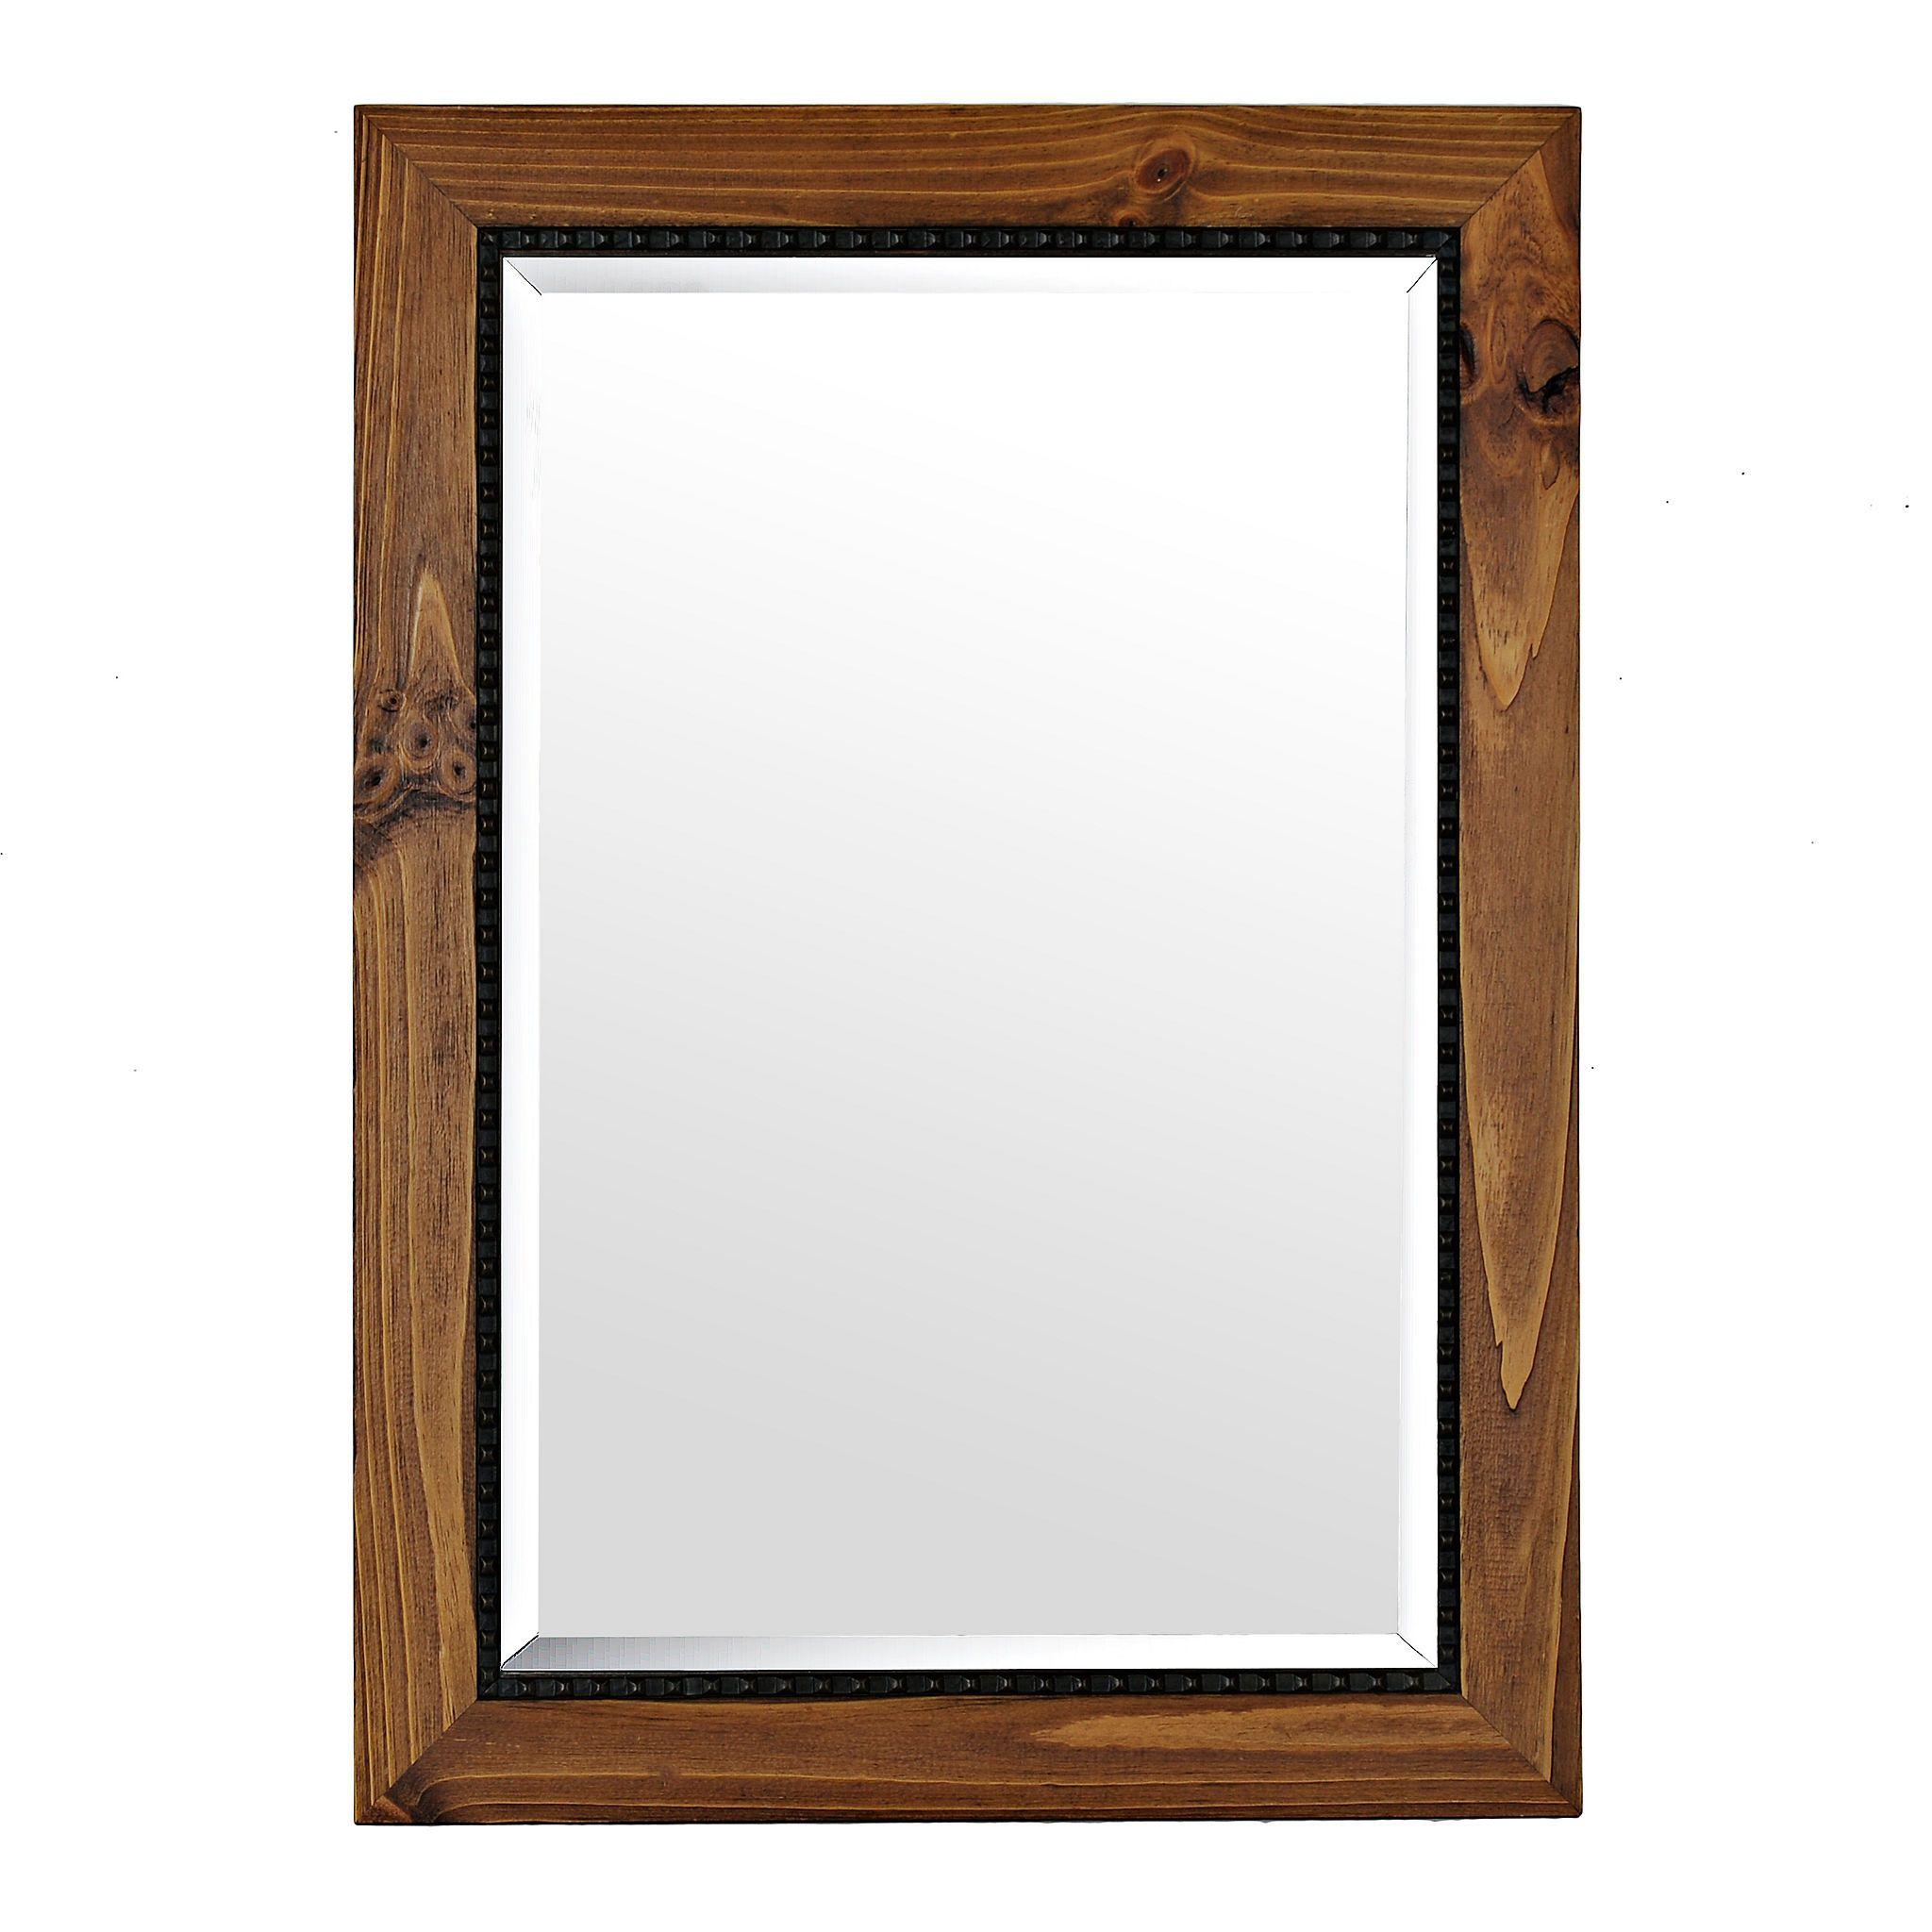 Barnwood Oak Framed Mirror, 31x43 in | Frame mirrors